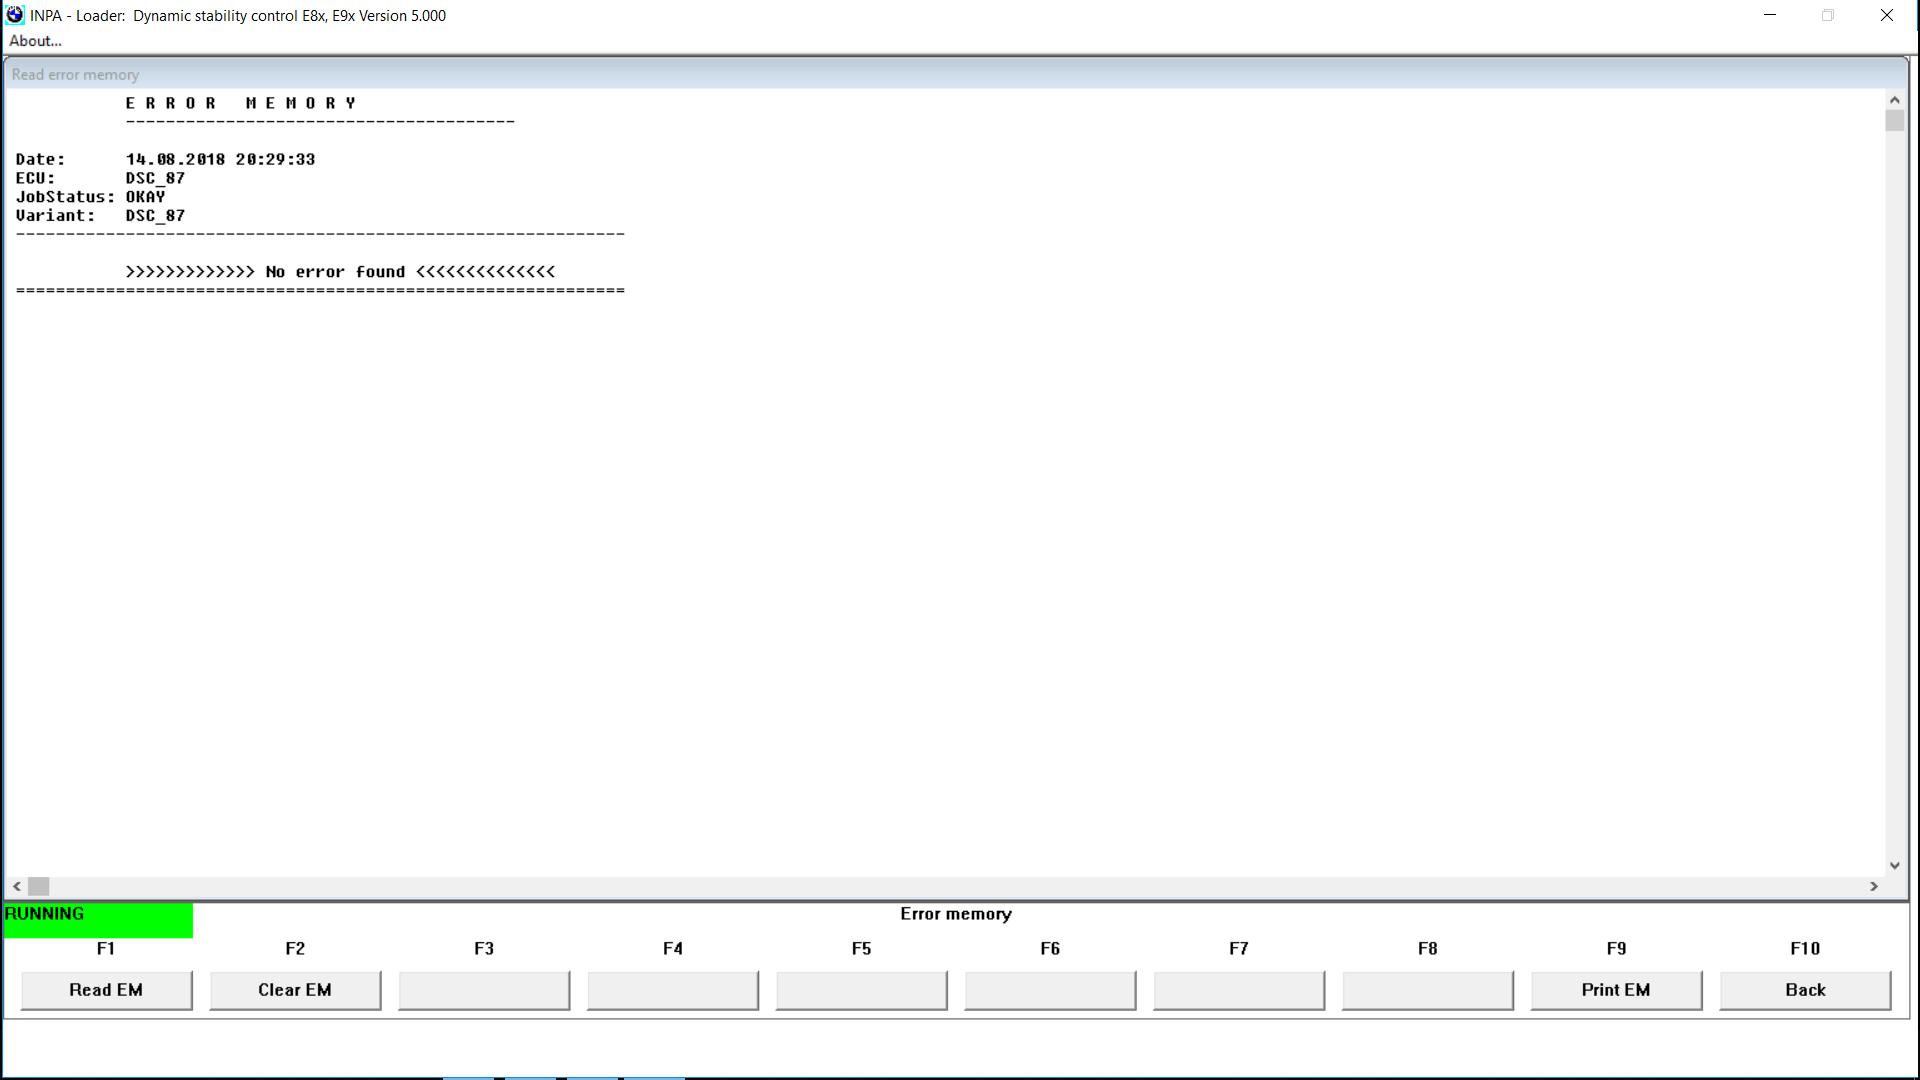 E90 Abs Dsc Problem Bimmerprofs Com Nox Emulator Noxem 129 130 402 Developed For Bmw N43 N53 Series Engines